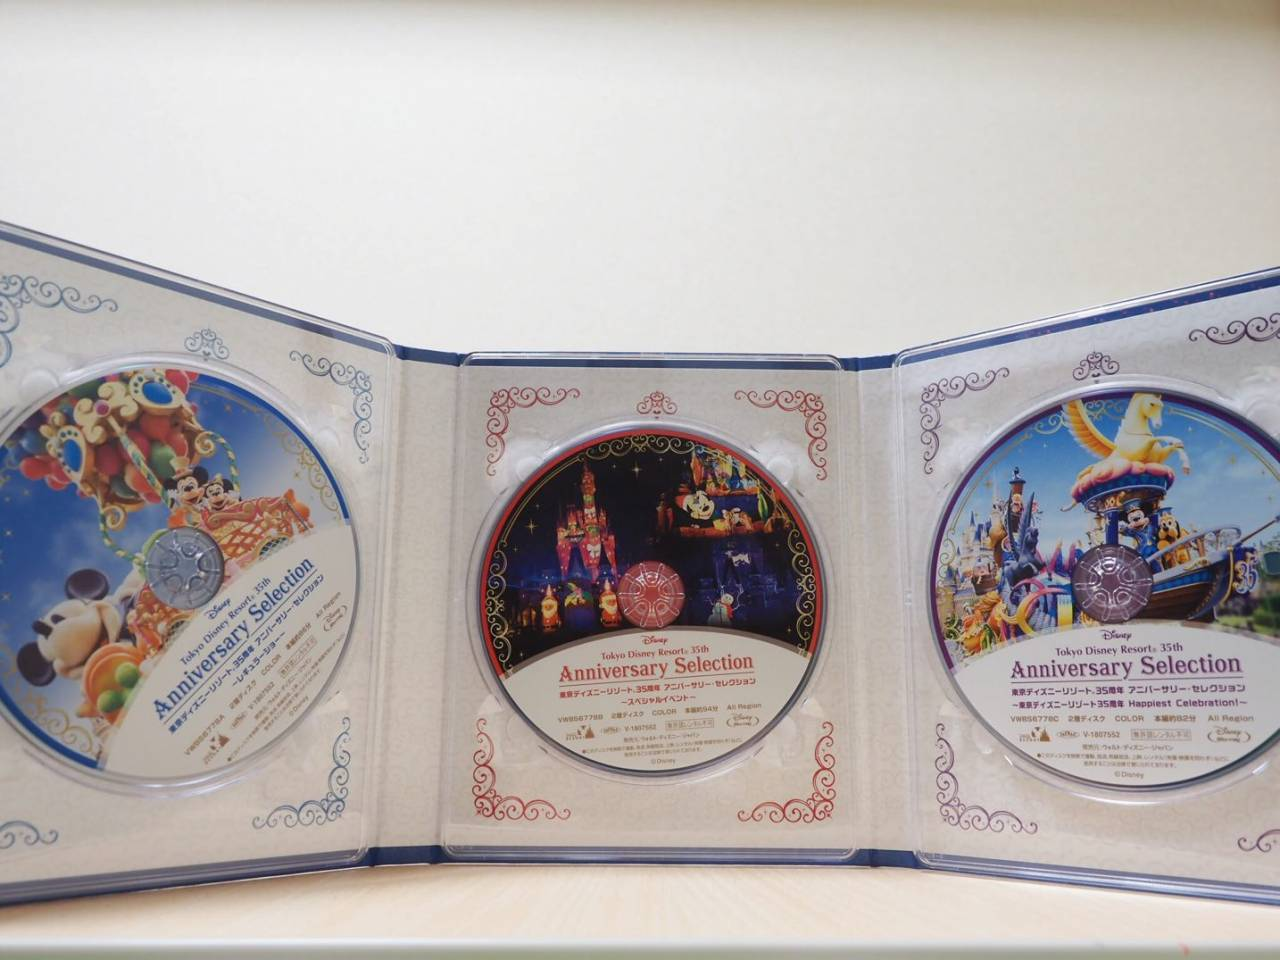 東京ディズニーリゾート35周年アニバーサリー・セレクションのDVD